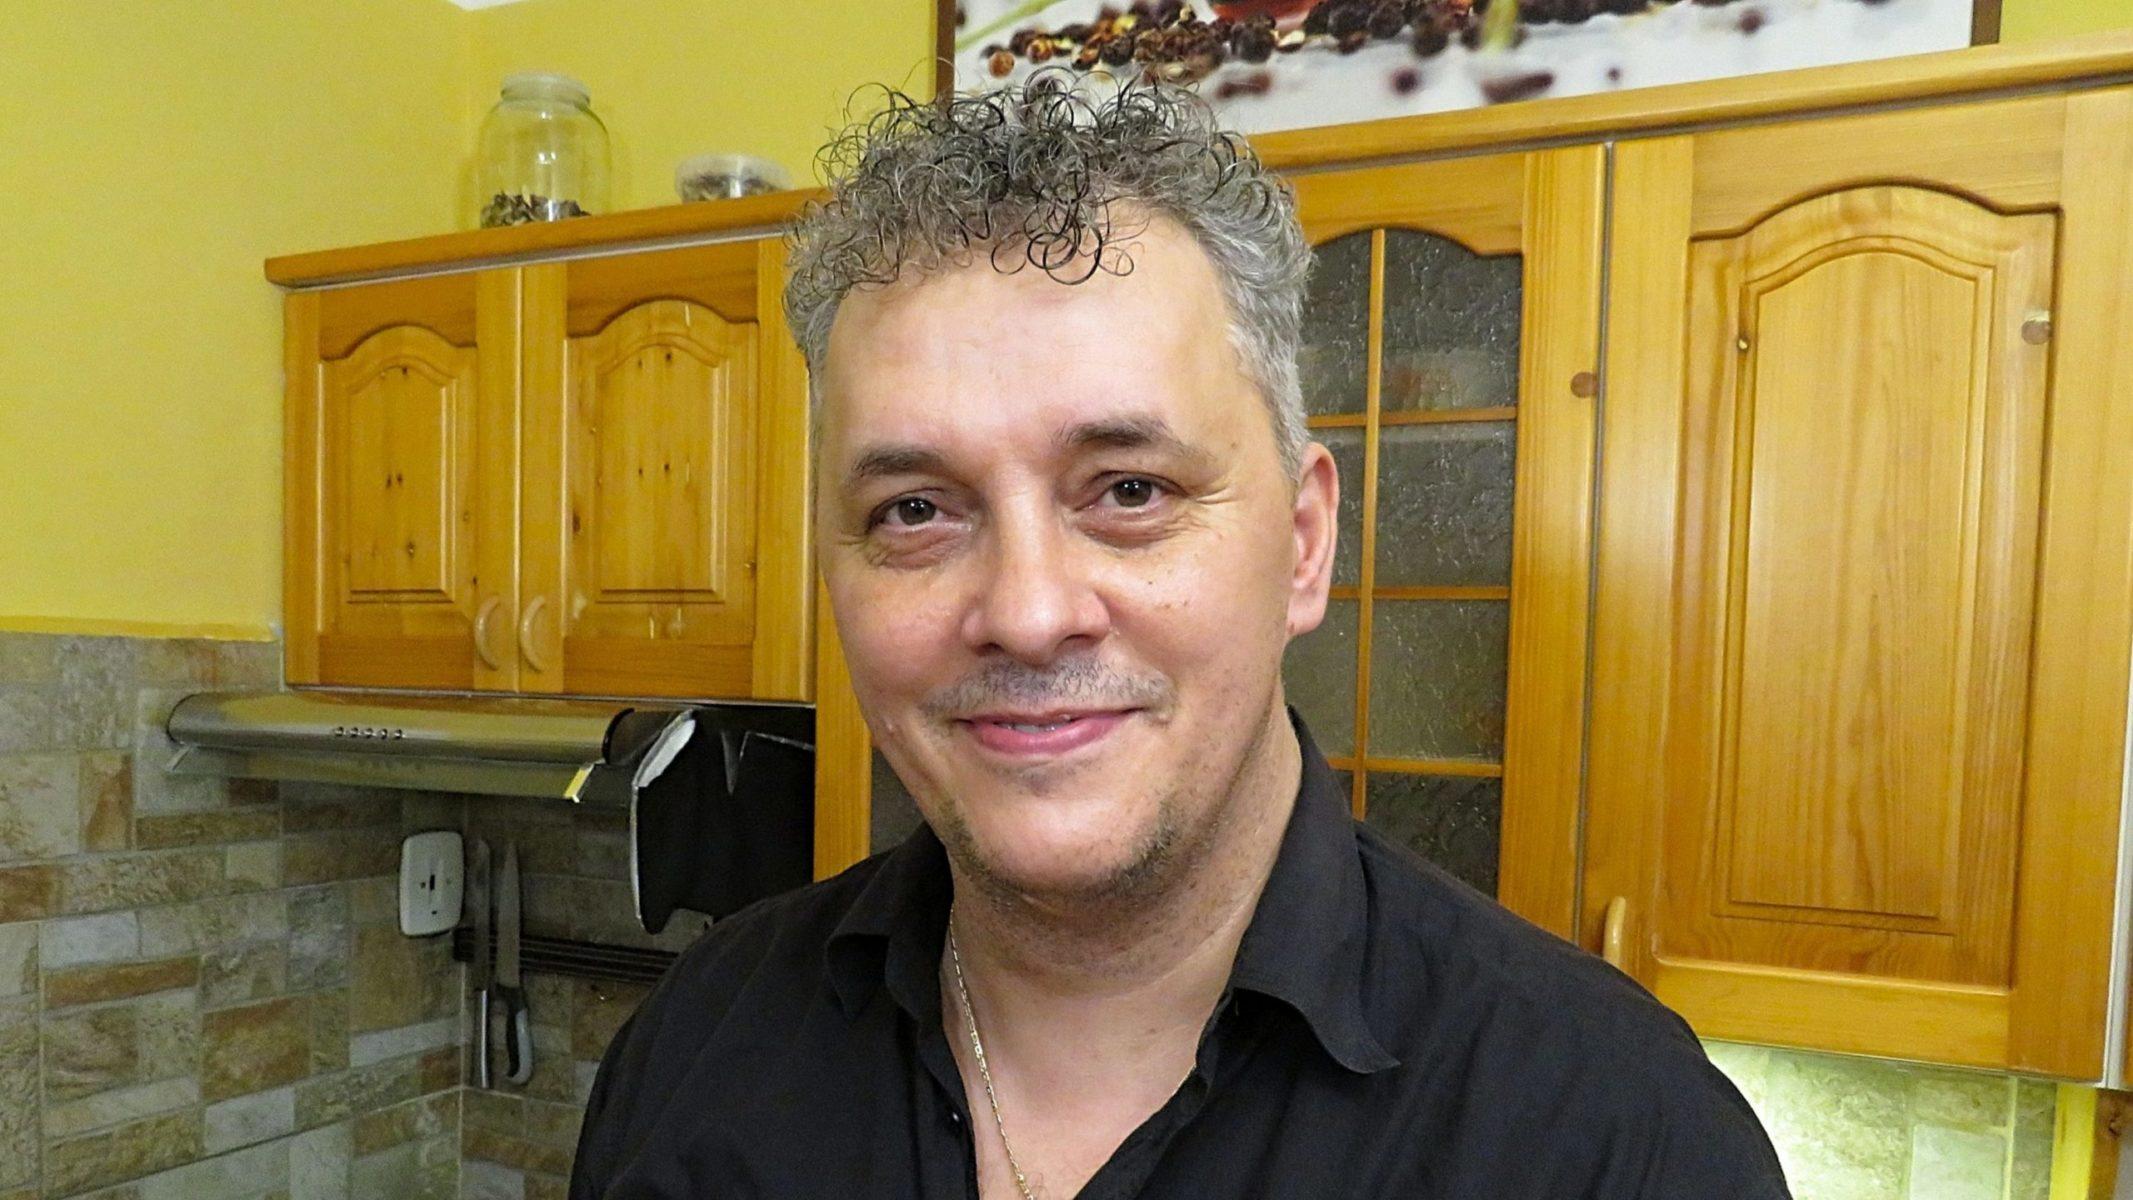 Radoslav Fantazír